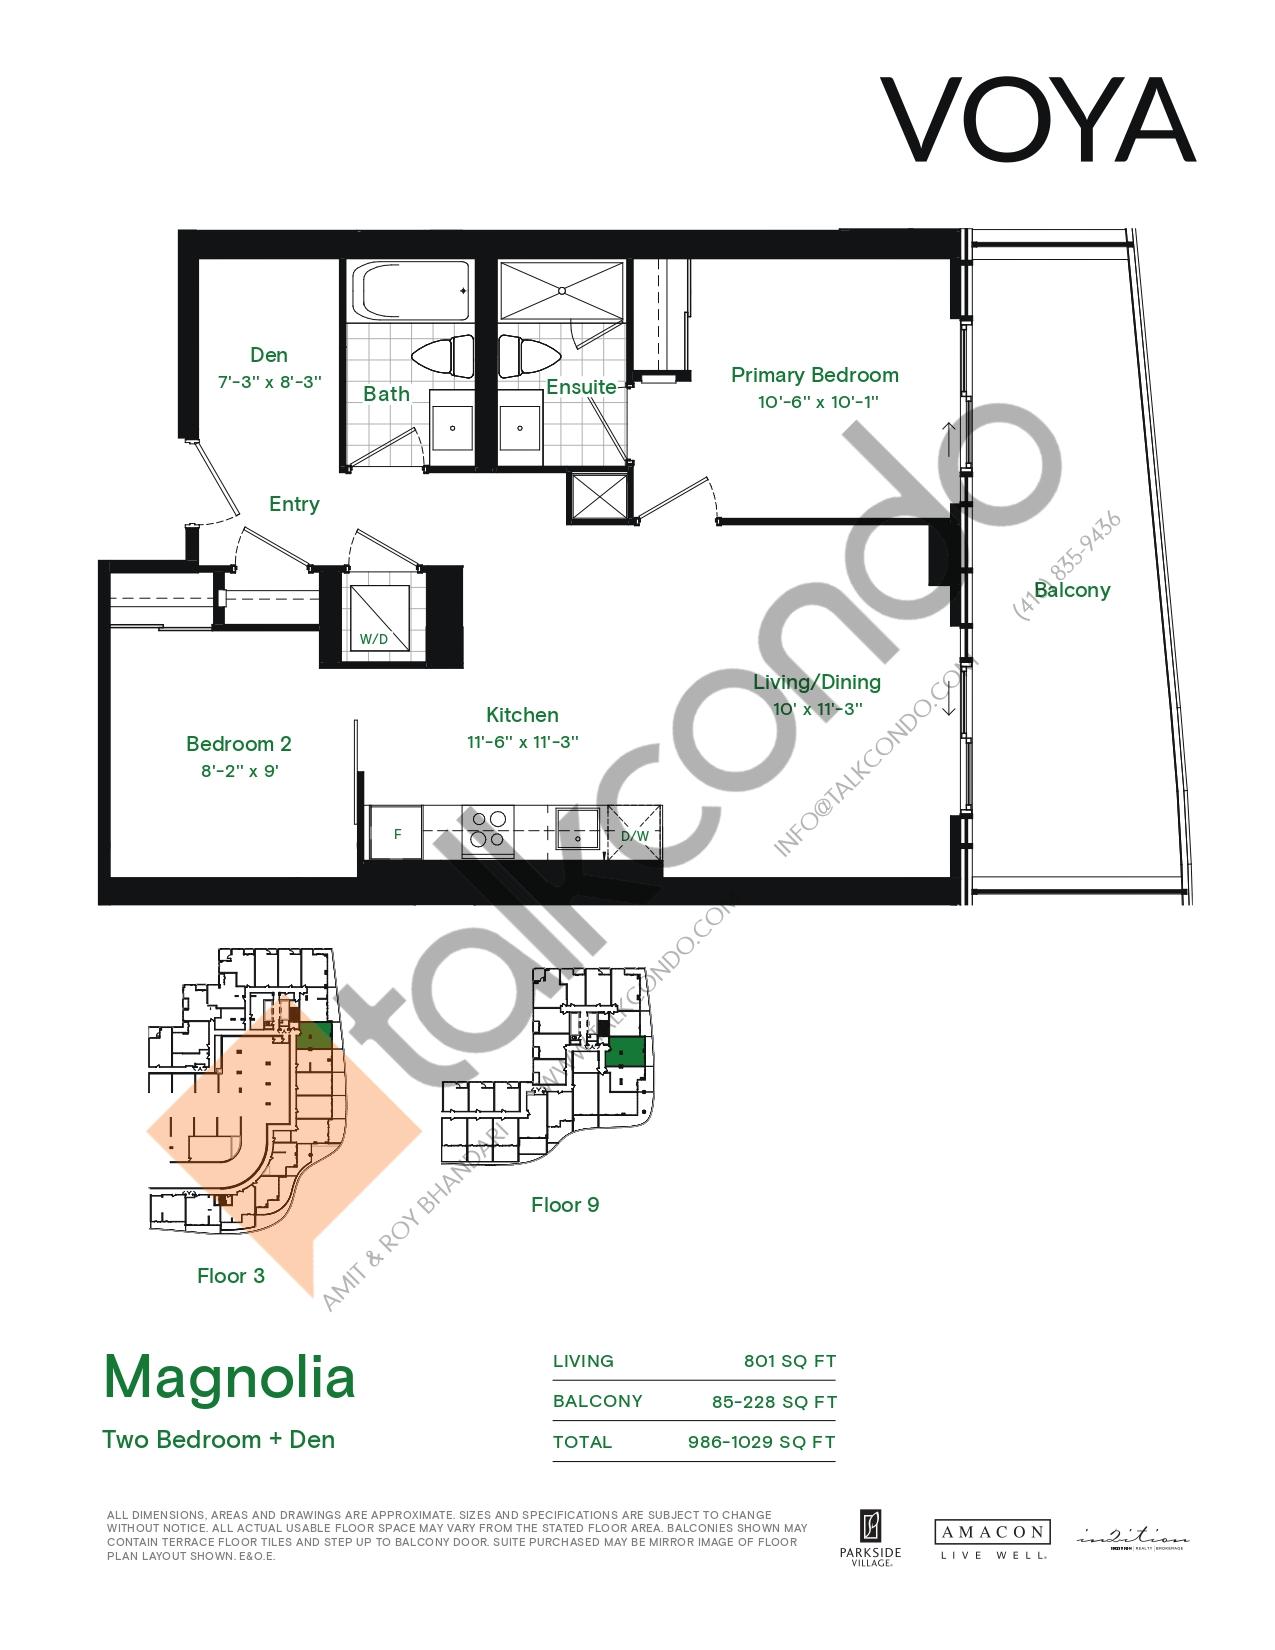 Magnolia (Podium) Floor Plan at Voya at Parkside Village Condos - 801 sq.ft